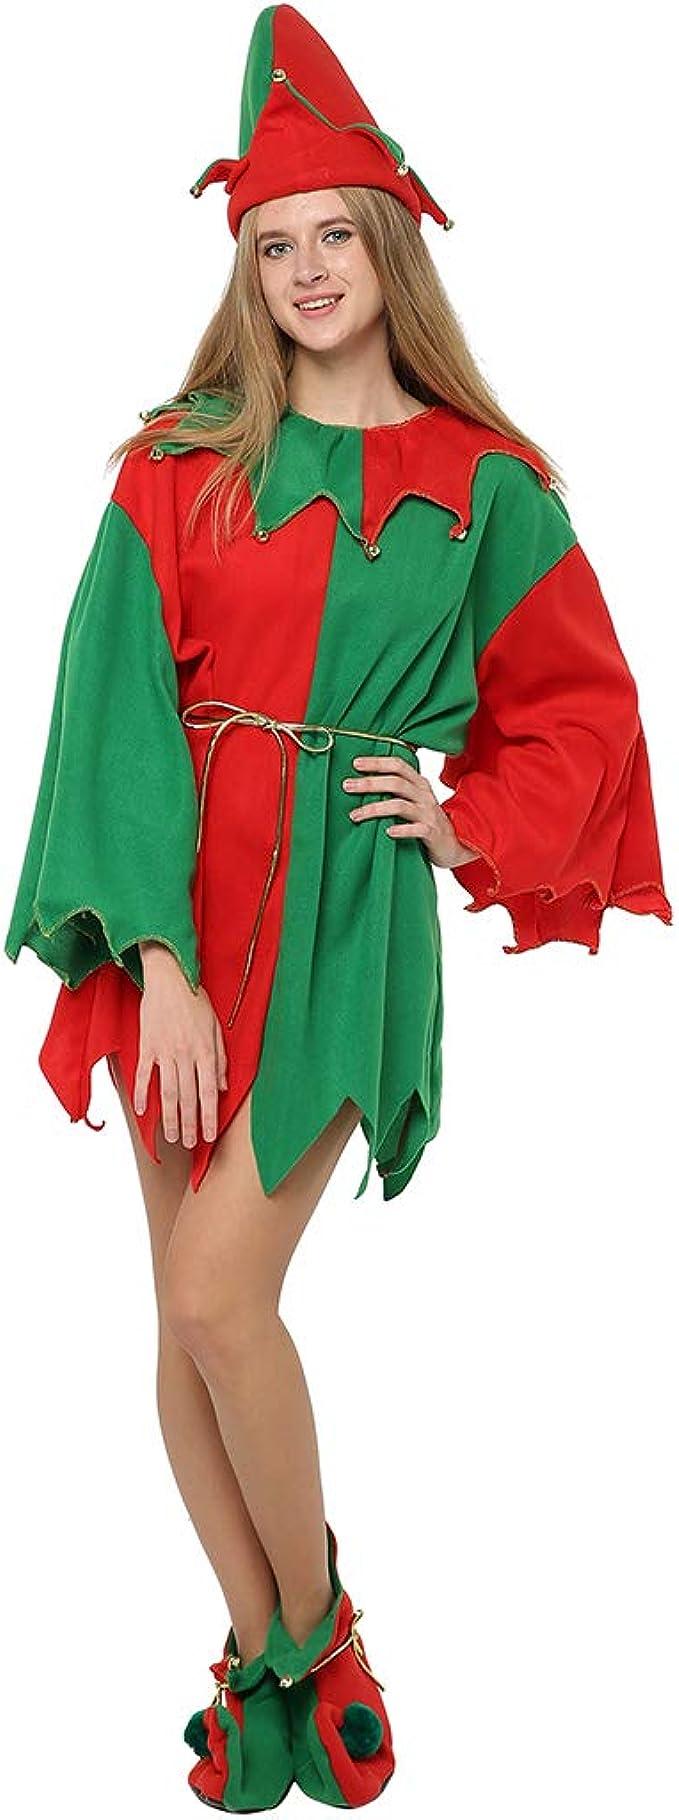 EraSpooky Disfraz de Duende de Papá Noel Ayudante Mujer Navidad ...